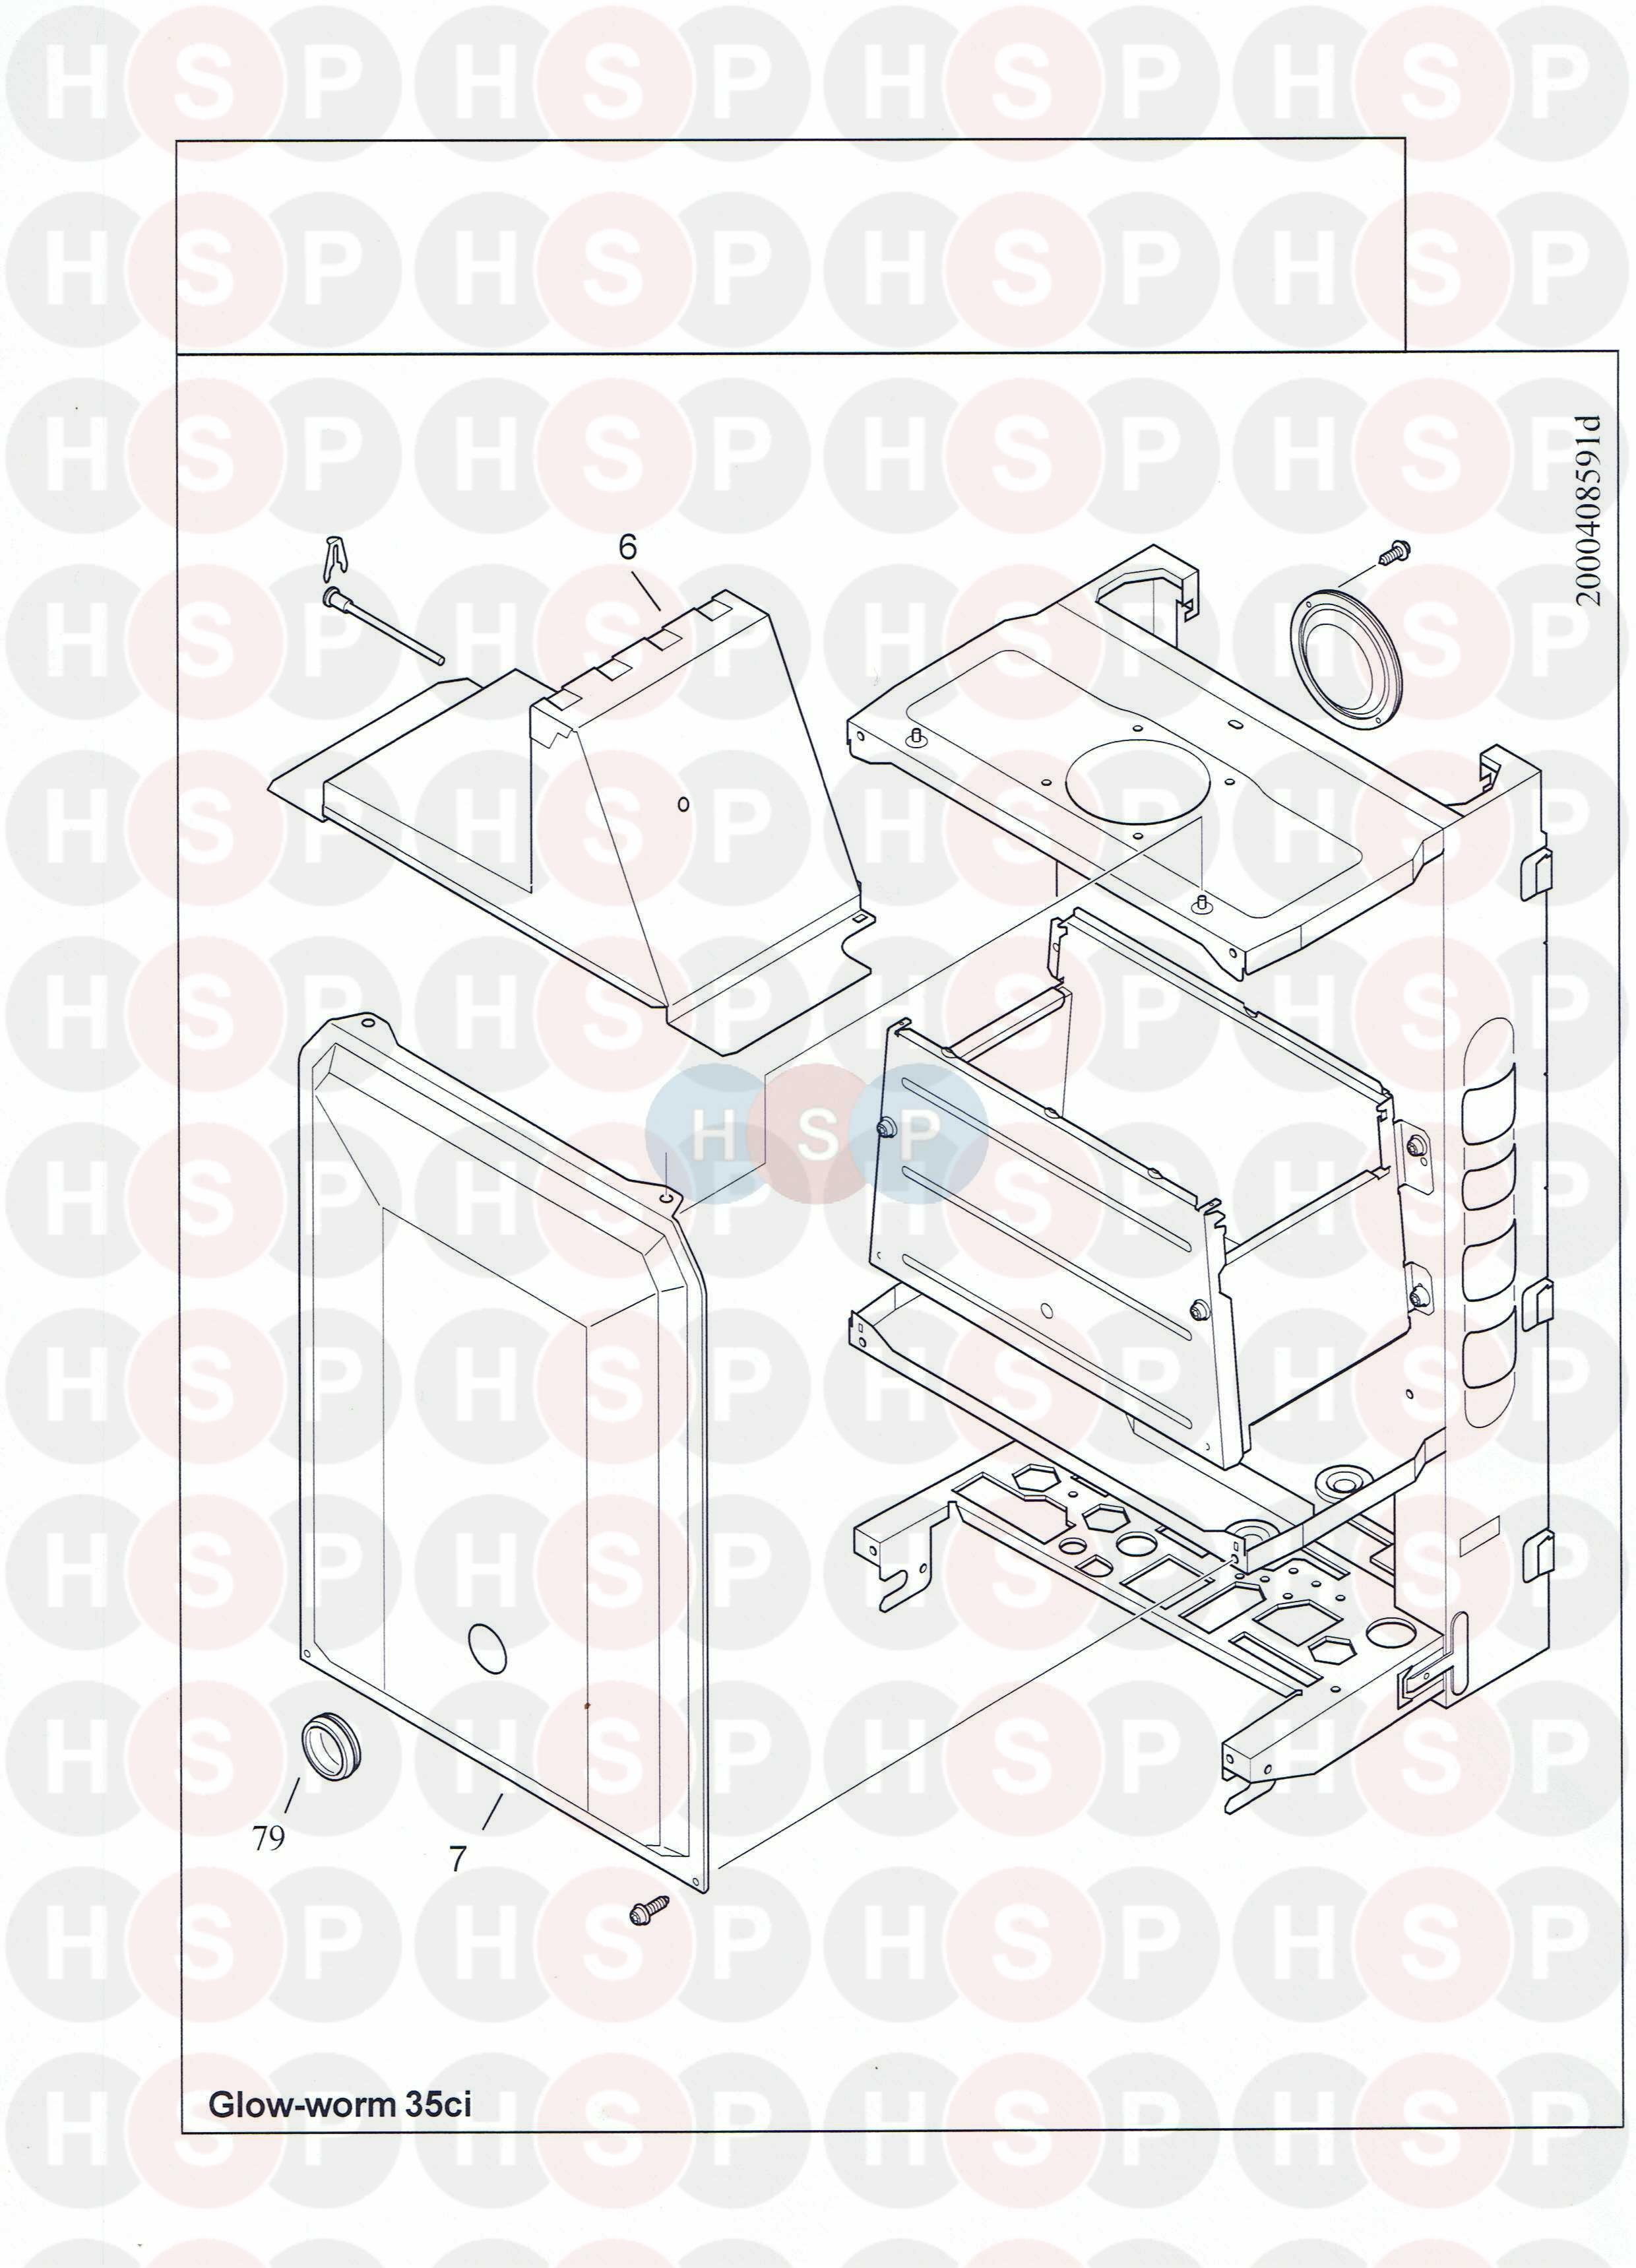 Glowworm GLOWWORM 35CI Appliance Diagram (FLU HOOD) | Heating ...